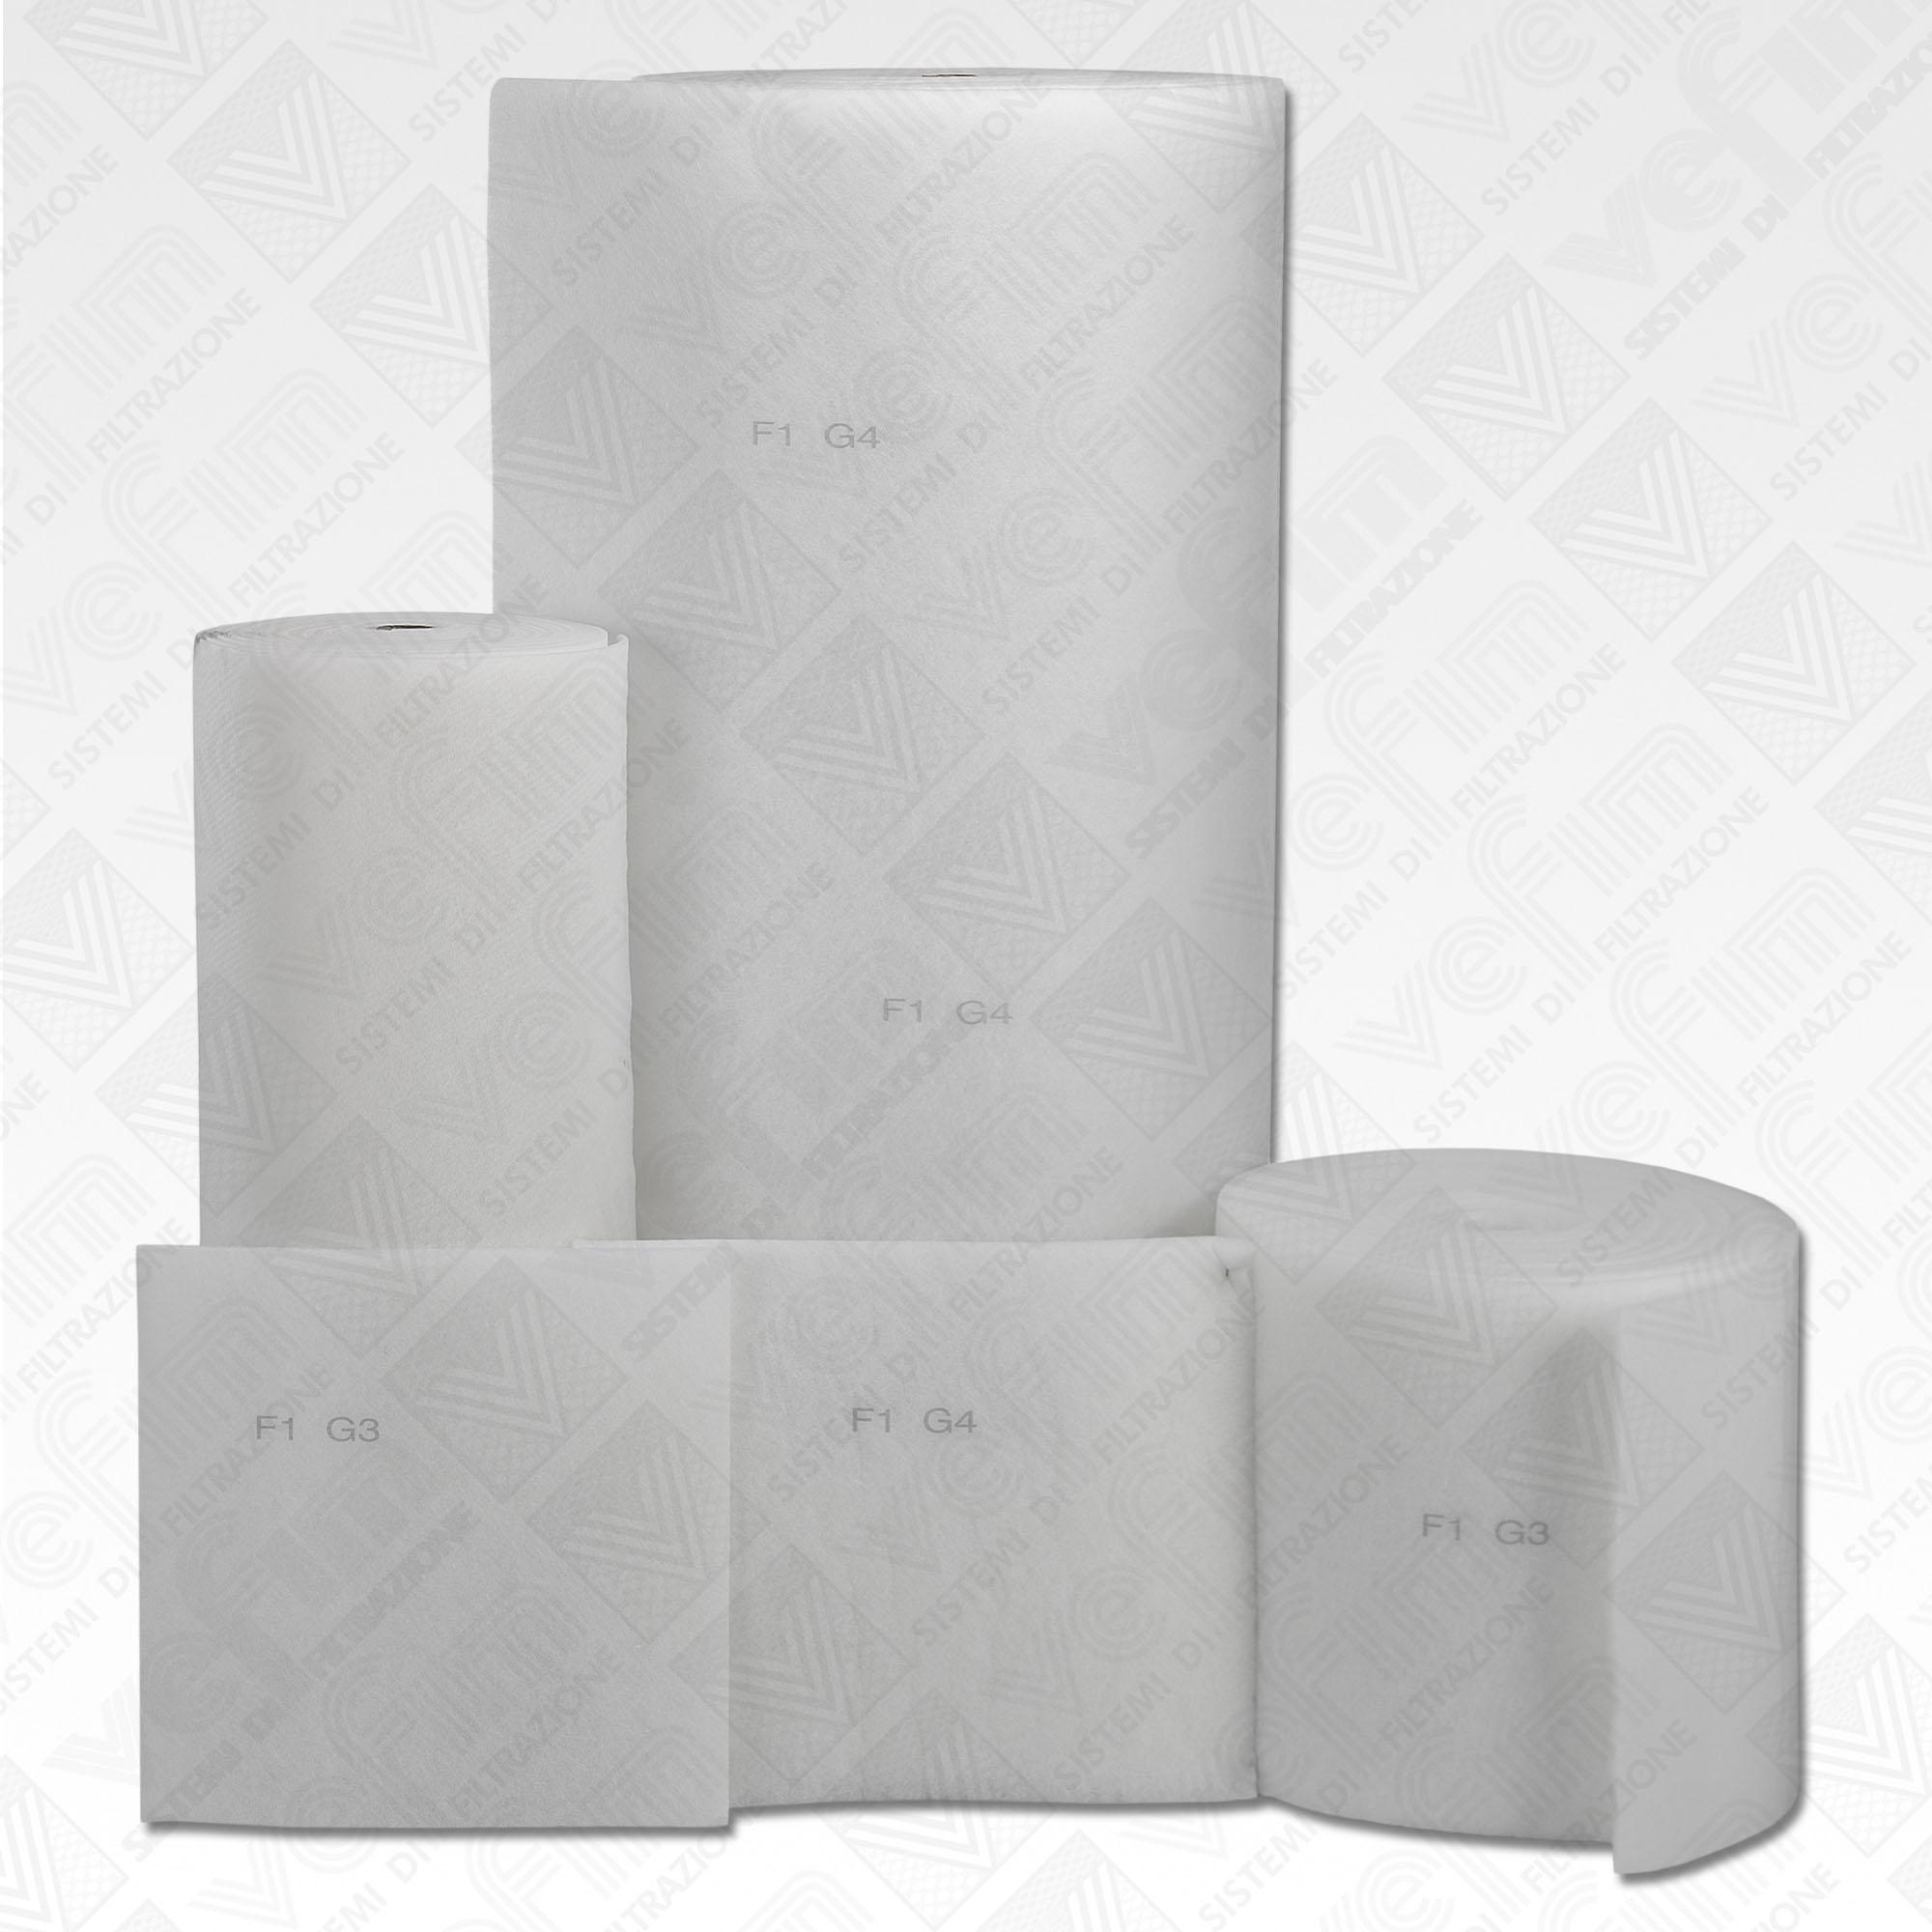 Celle filtranti metalliche 500x500x48 setto ondulato efficienza G3//G4